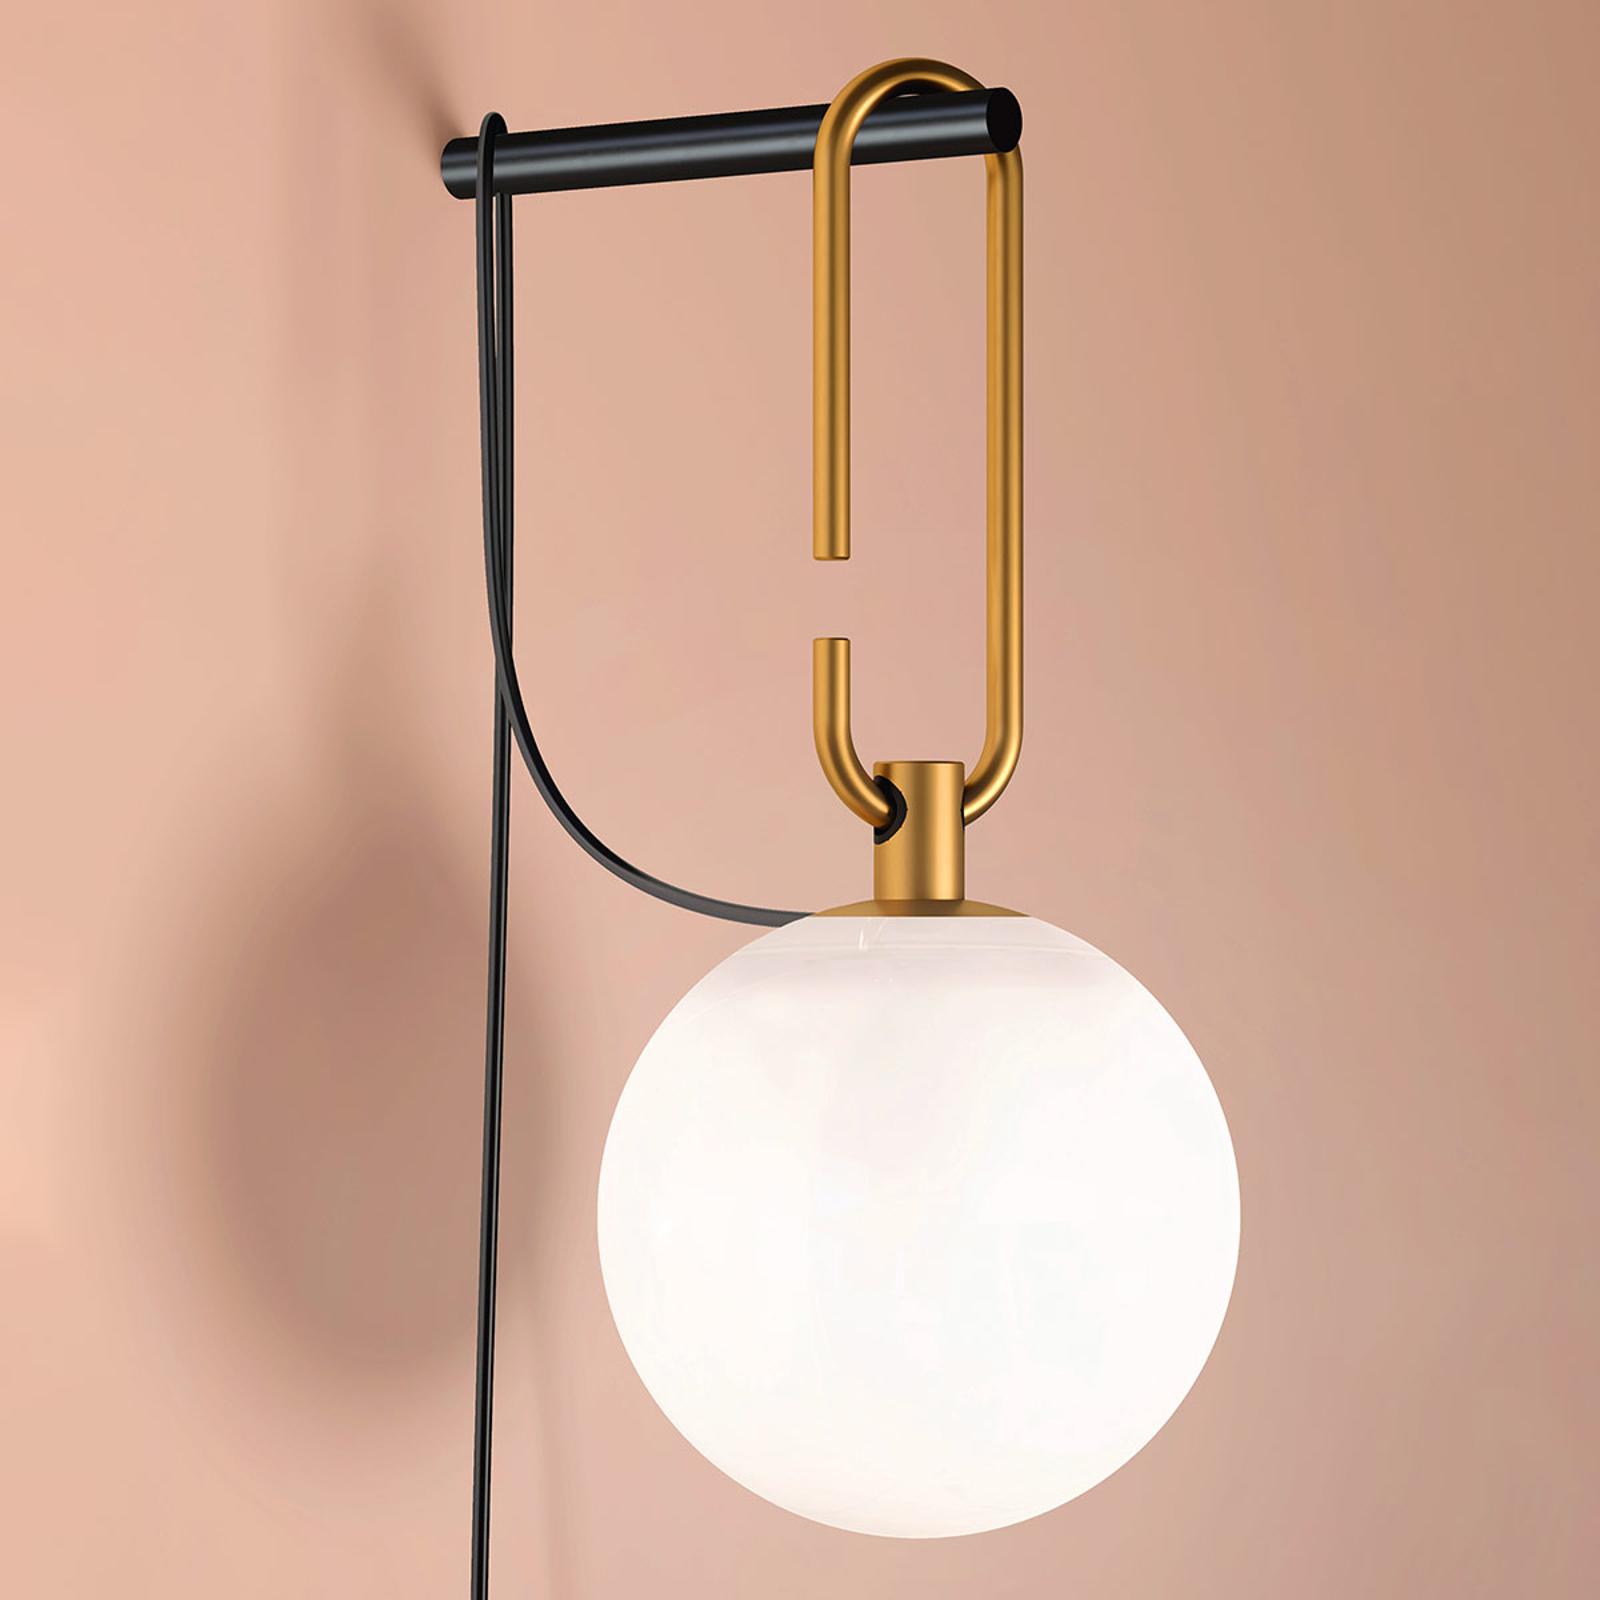 Artemide nh lampa ścienna z kulą szklaną, mosiądz